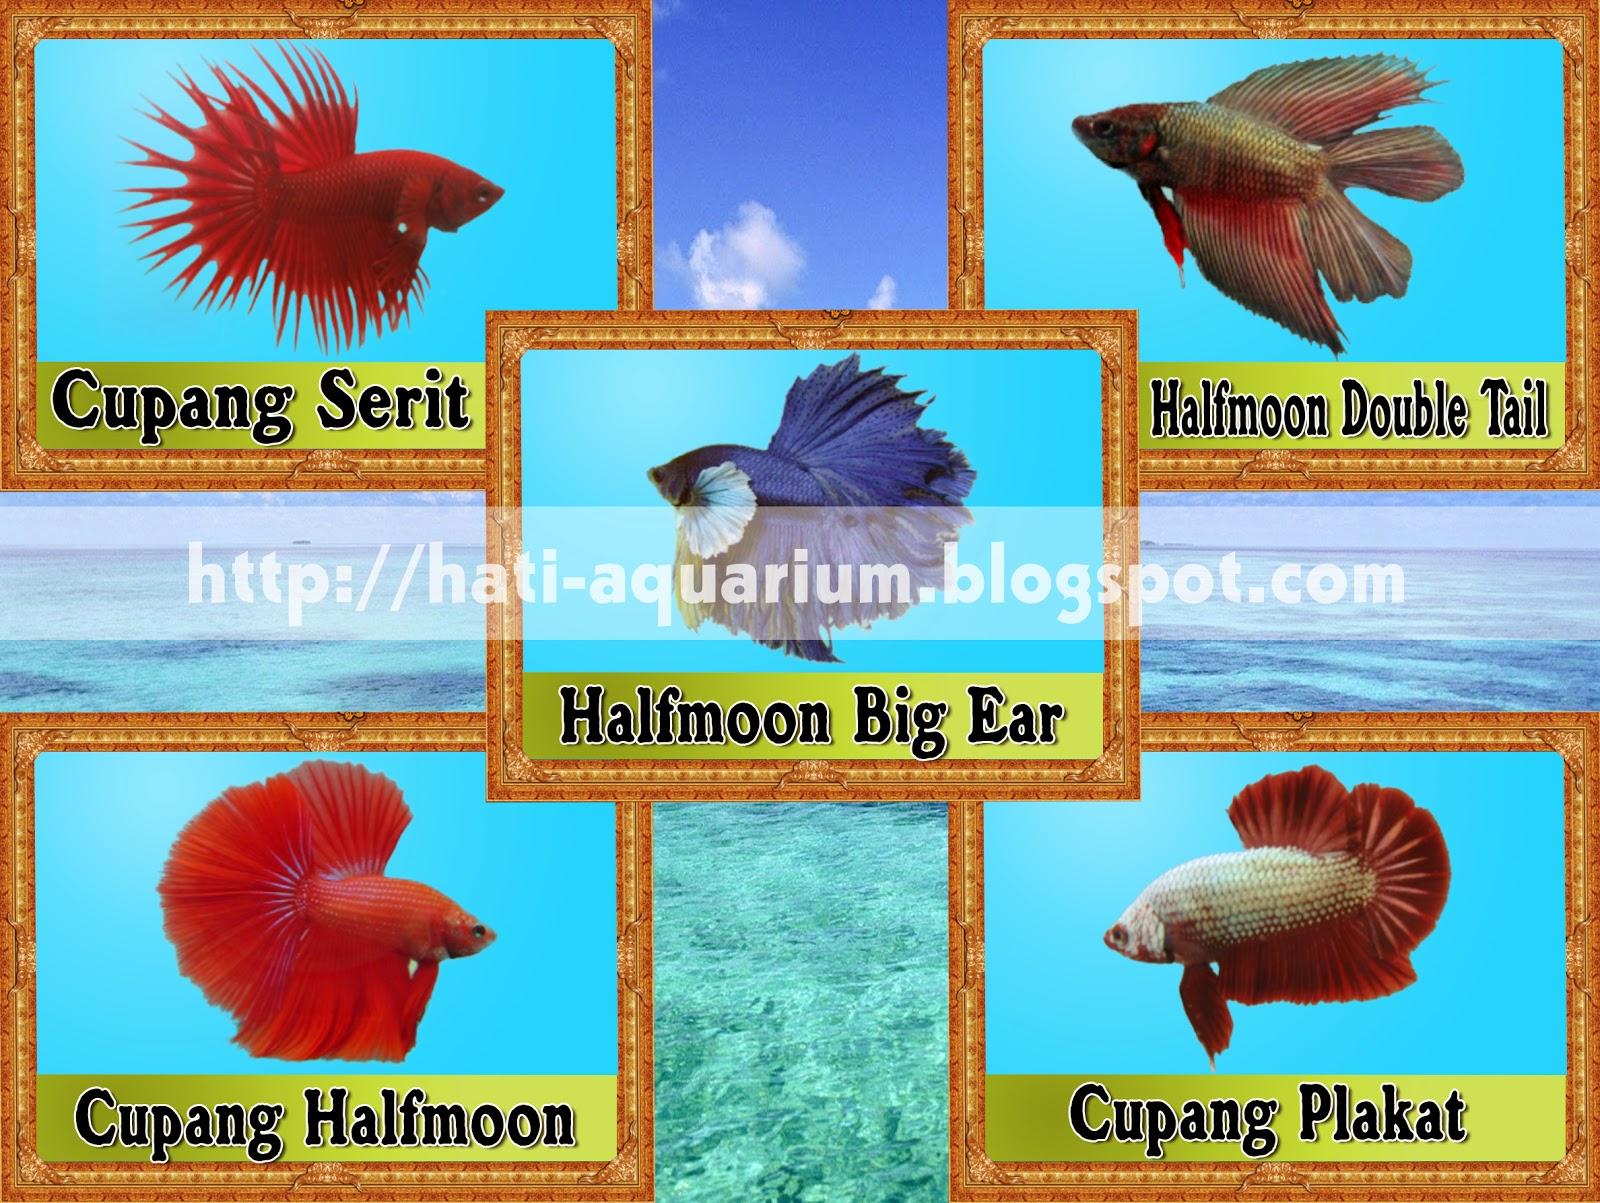 Jenis Ikan Cupang yang terkenal